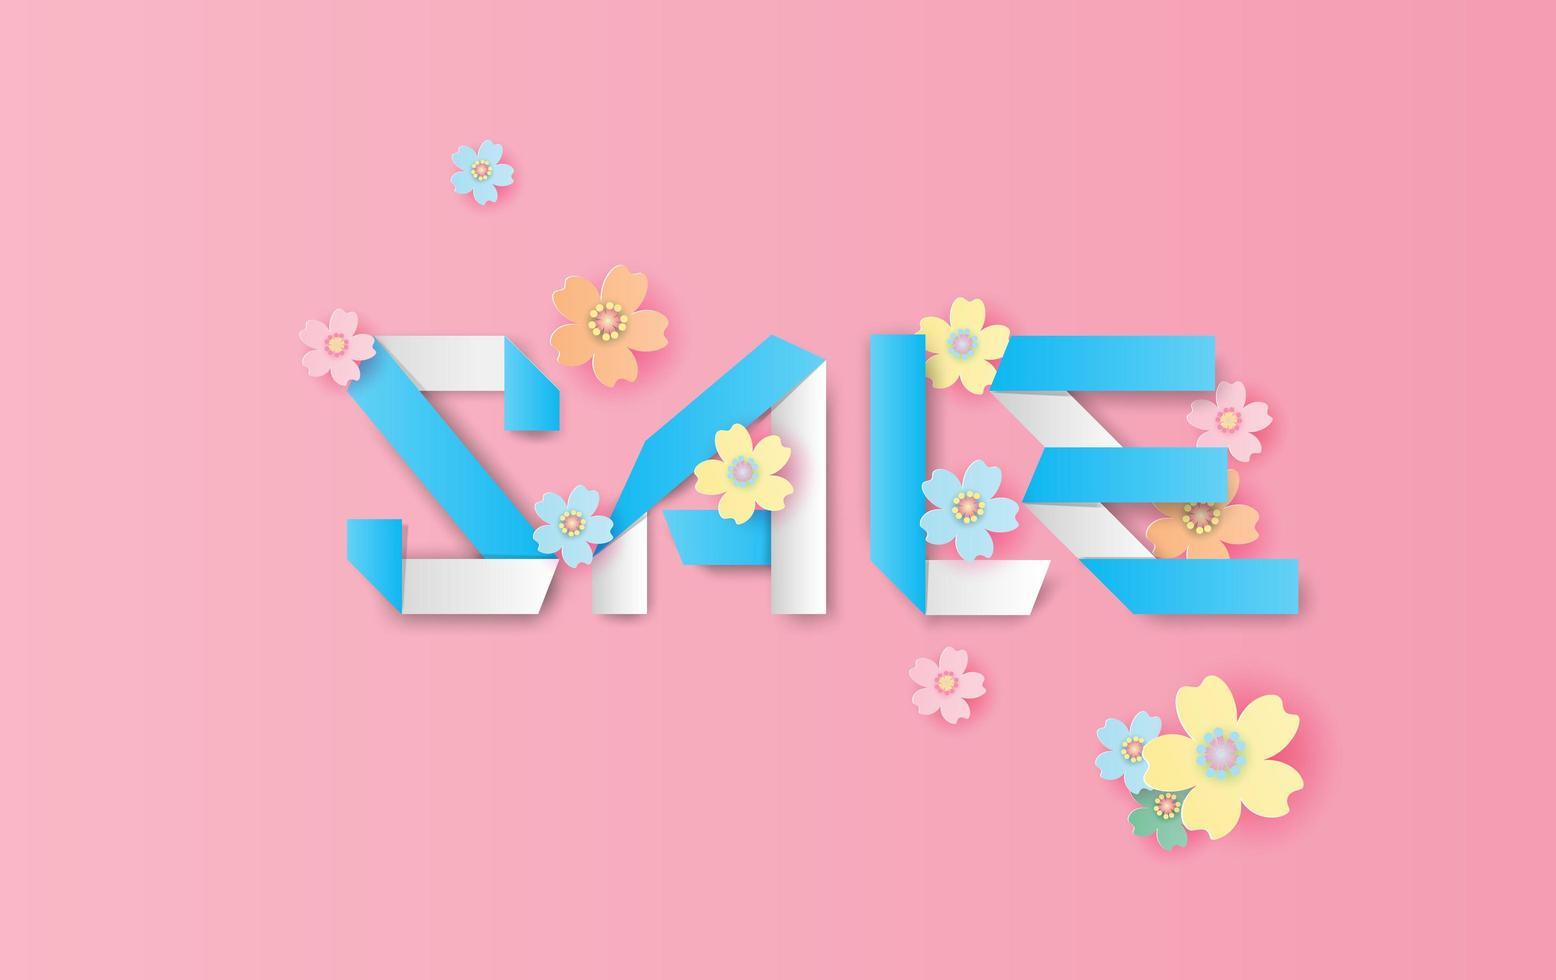 carta arte e artigianato primavera vendita banner sfondo vettore